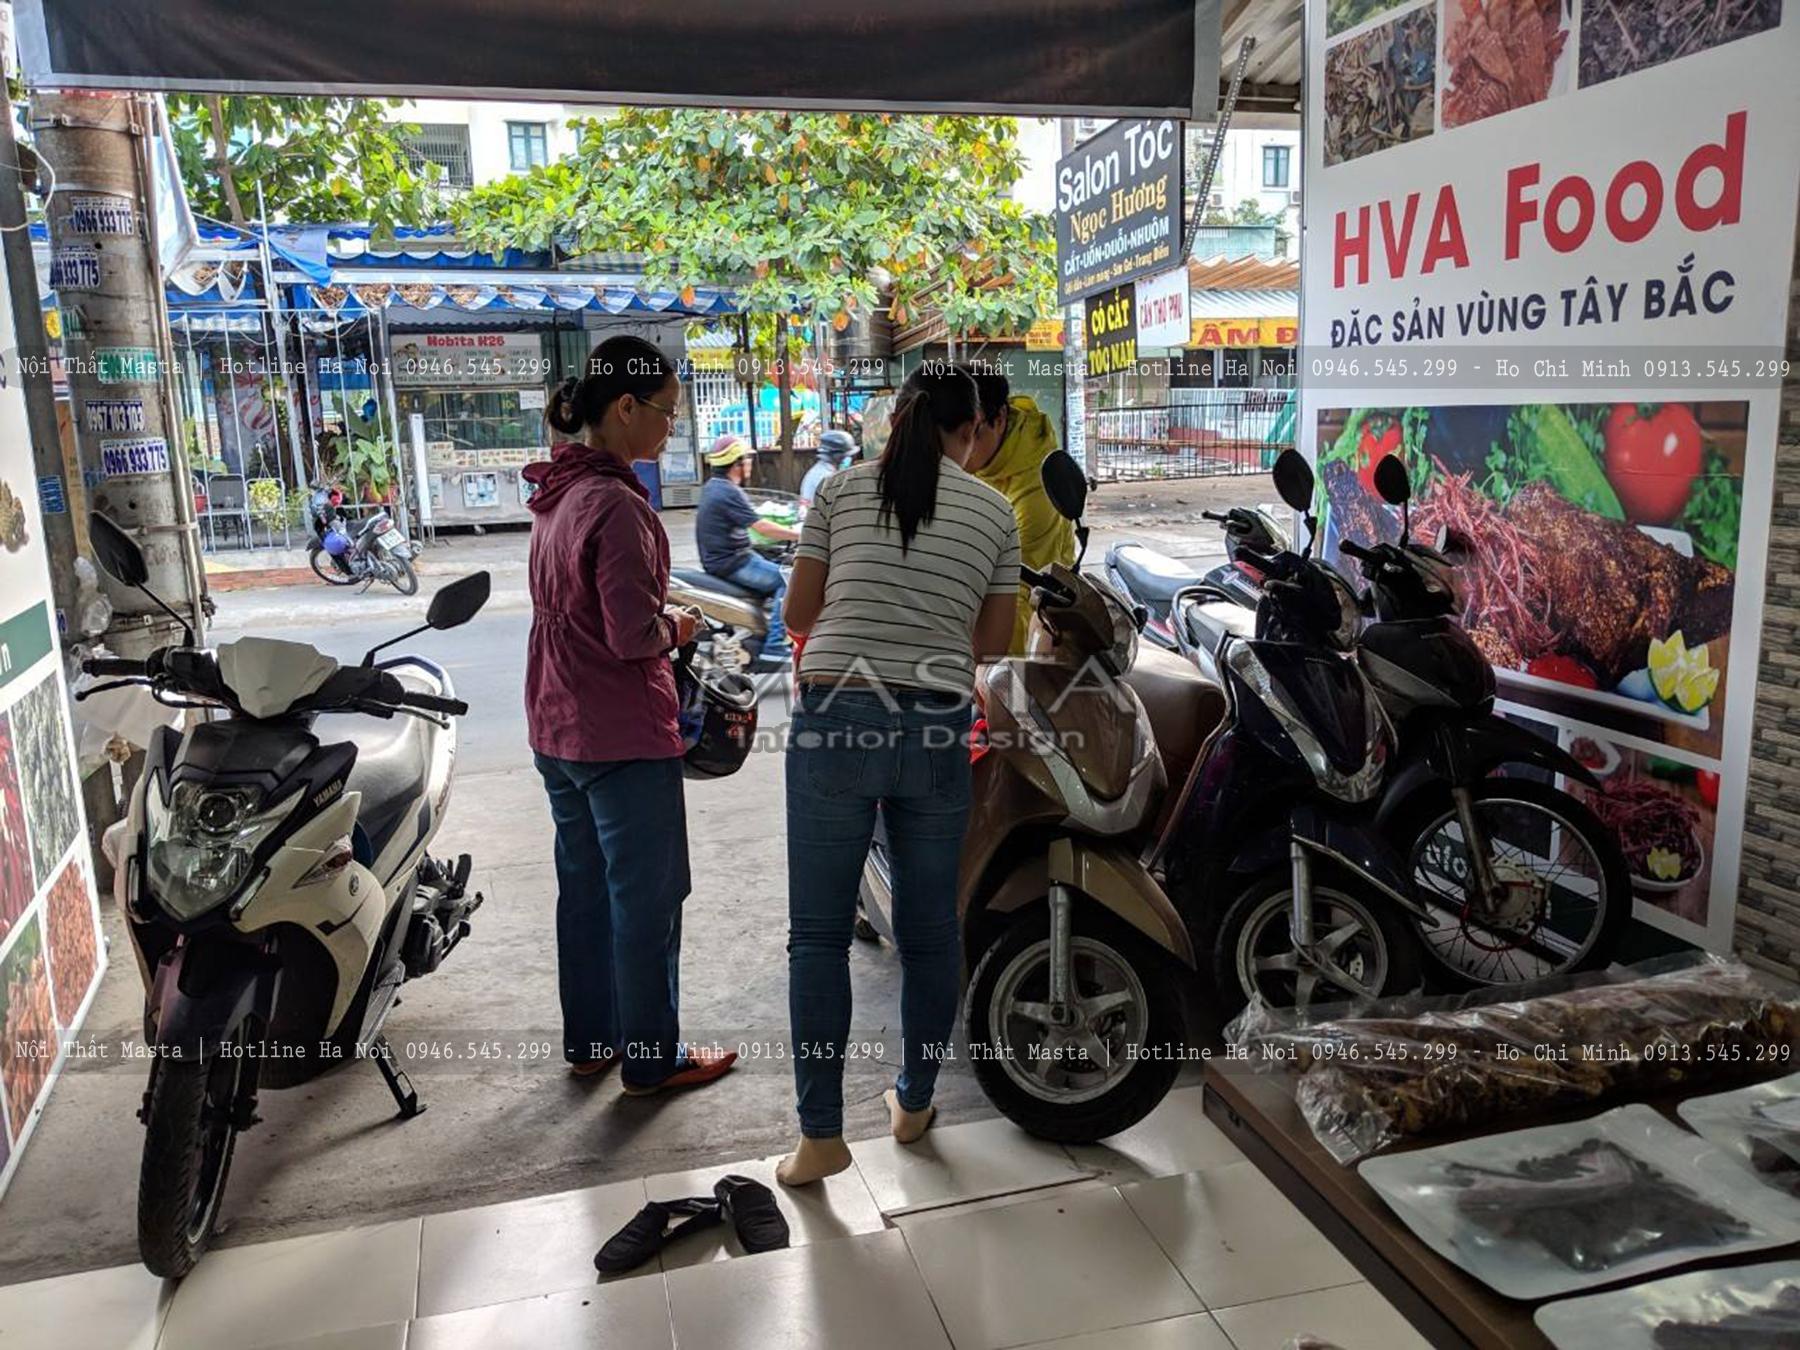 Hình ảnh khách hàng đến mua sắm sản phẩm tại cửa hàng